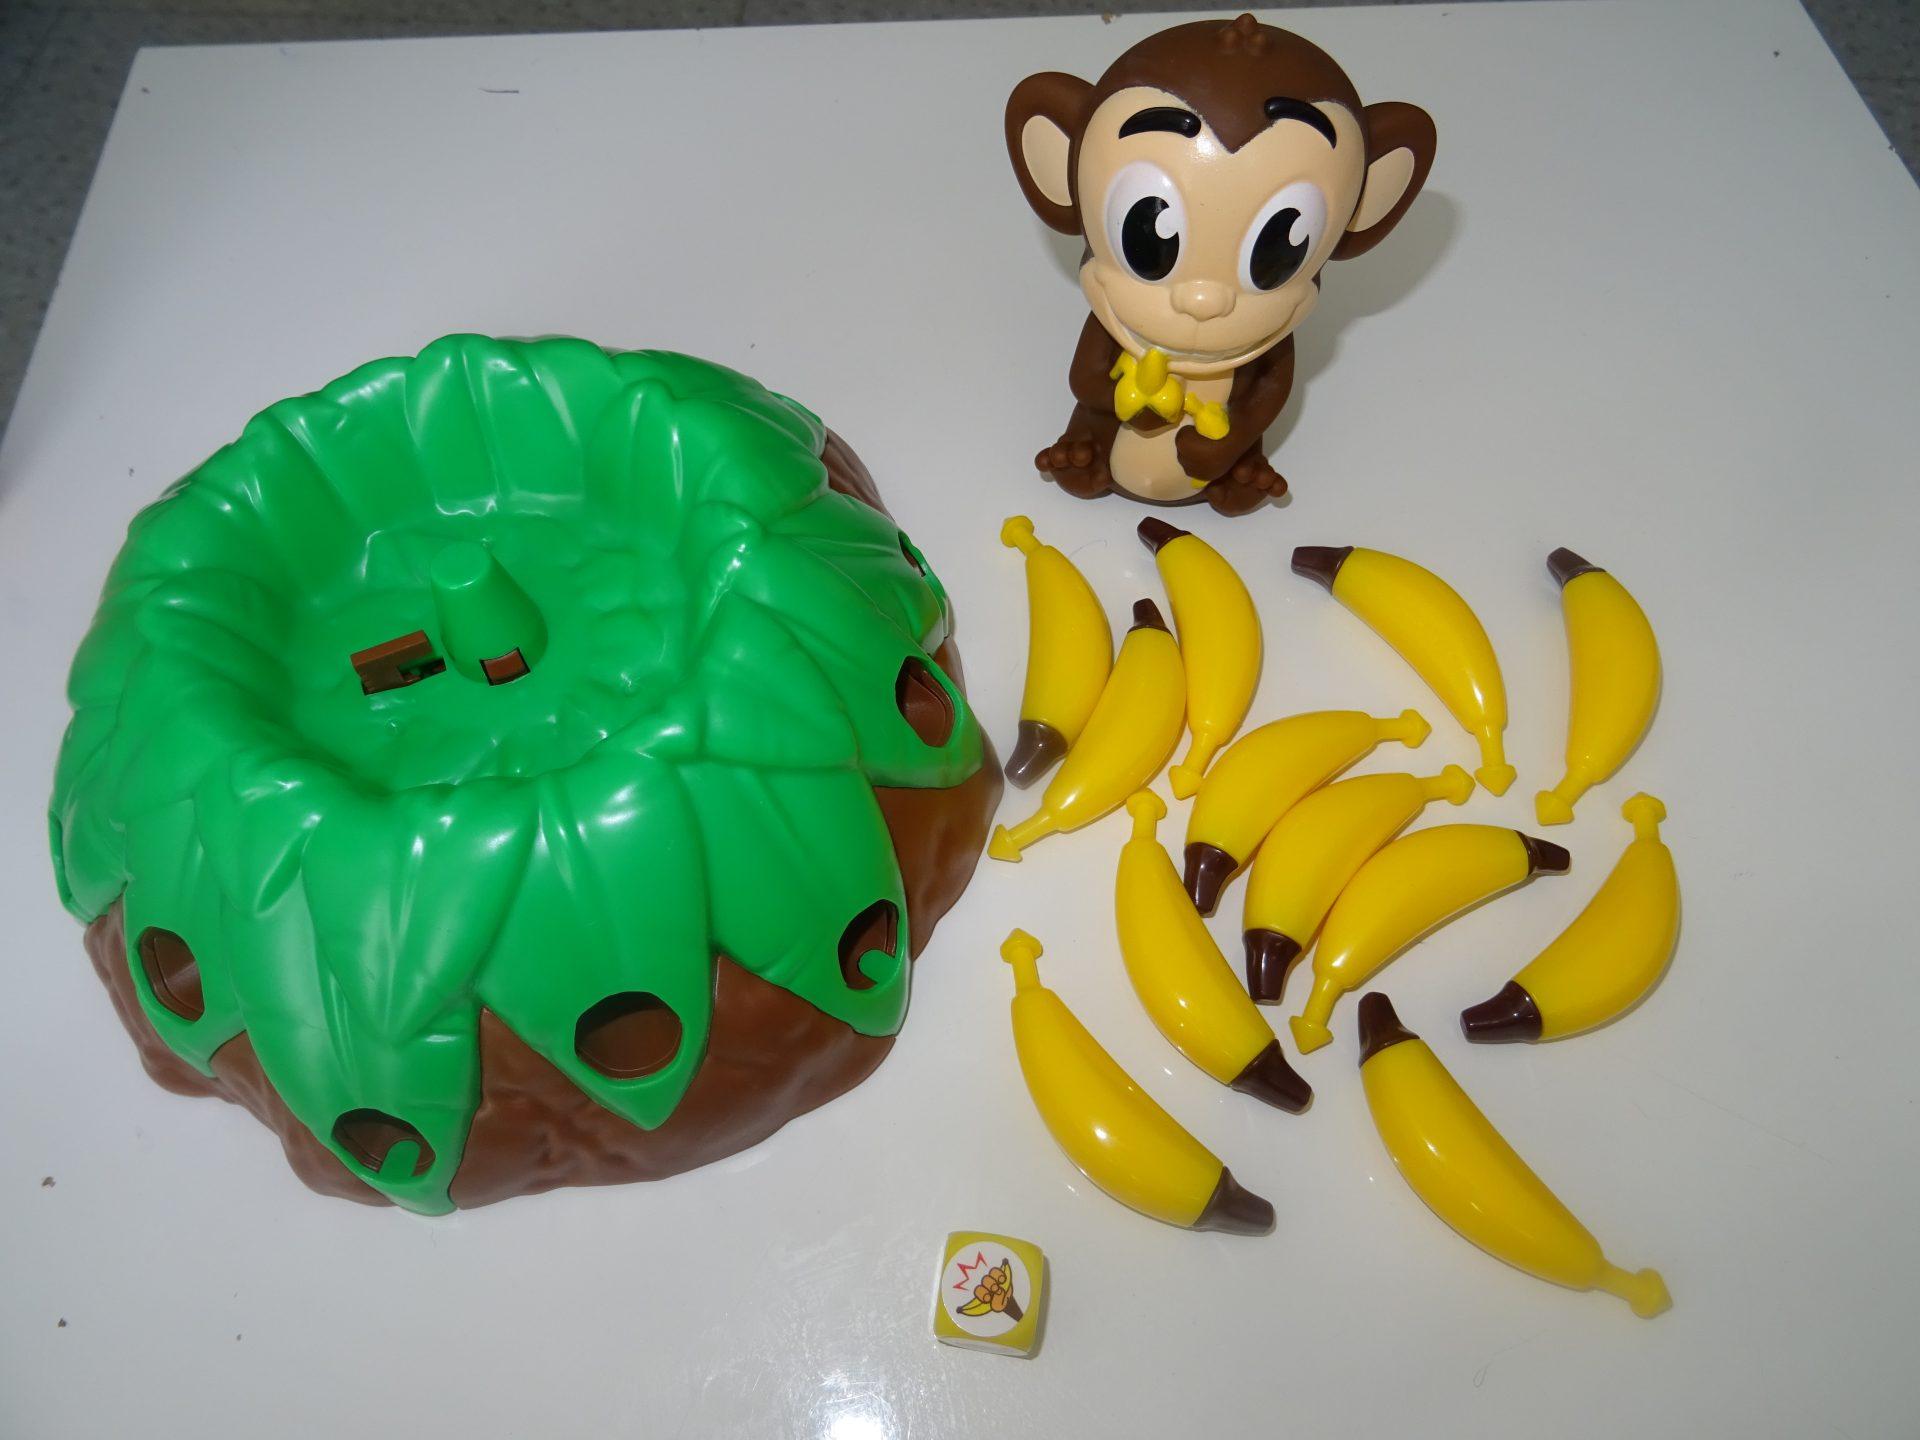 Idée cadeau fun et fous rires garantis avec Hop-Là Banana de Goliath